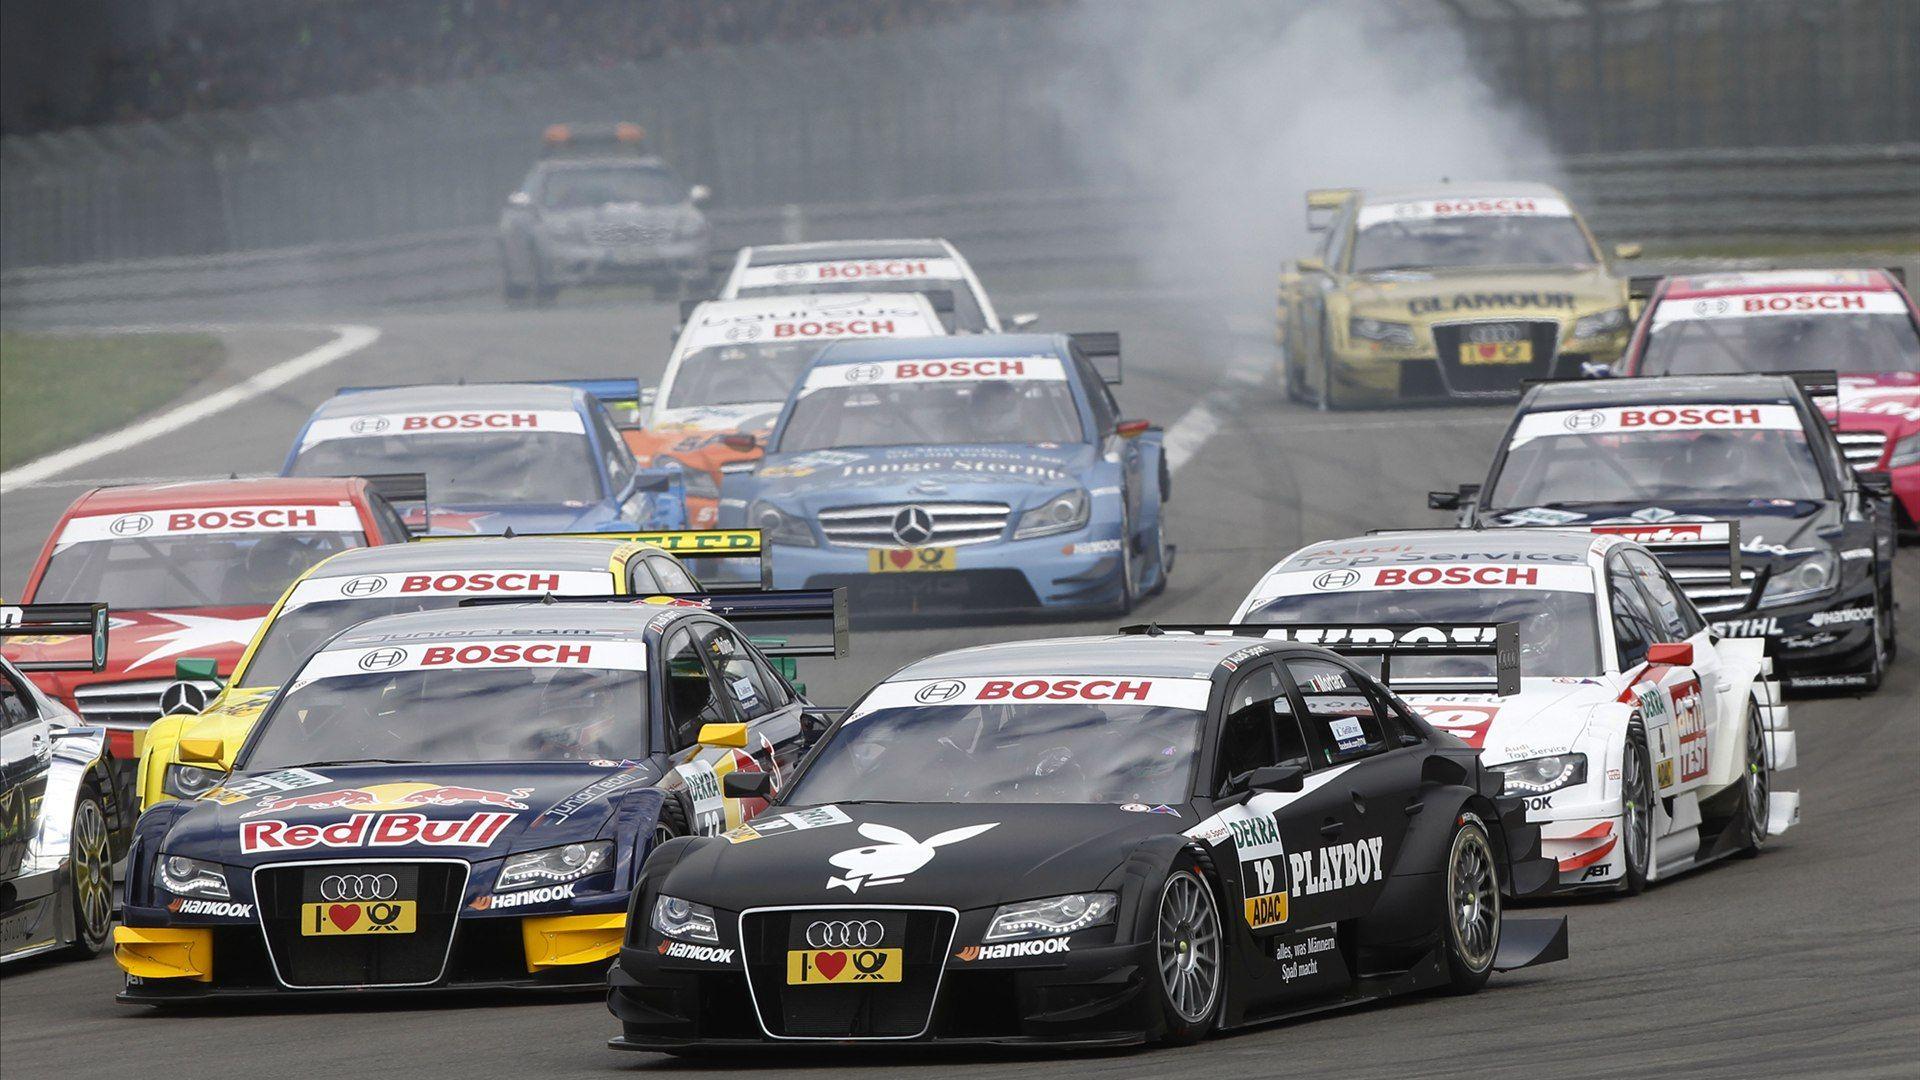 Dtm Racing Dtm Racing Cars At Nurburgring Racing Race Cars Indy Cars